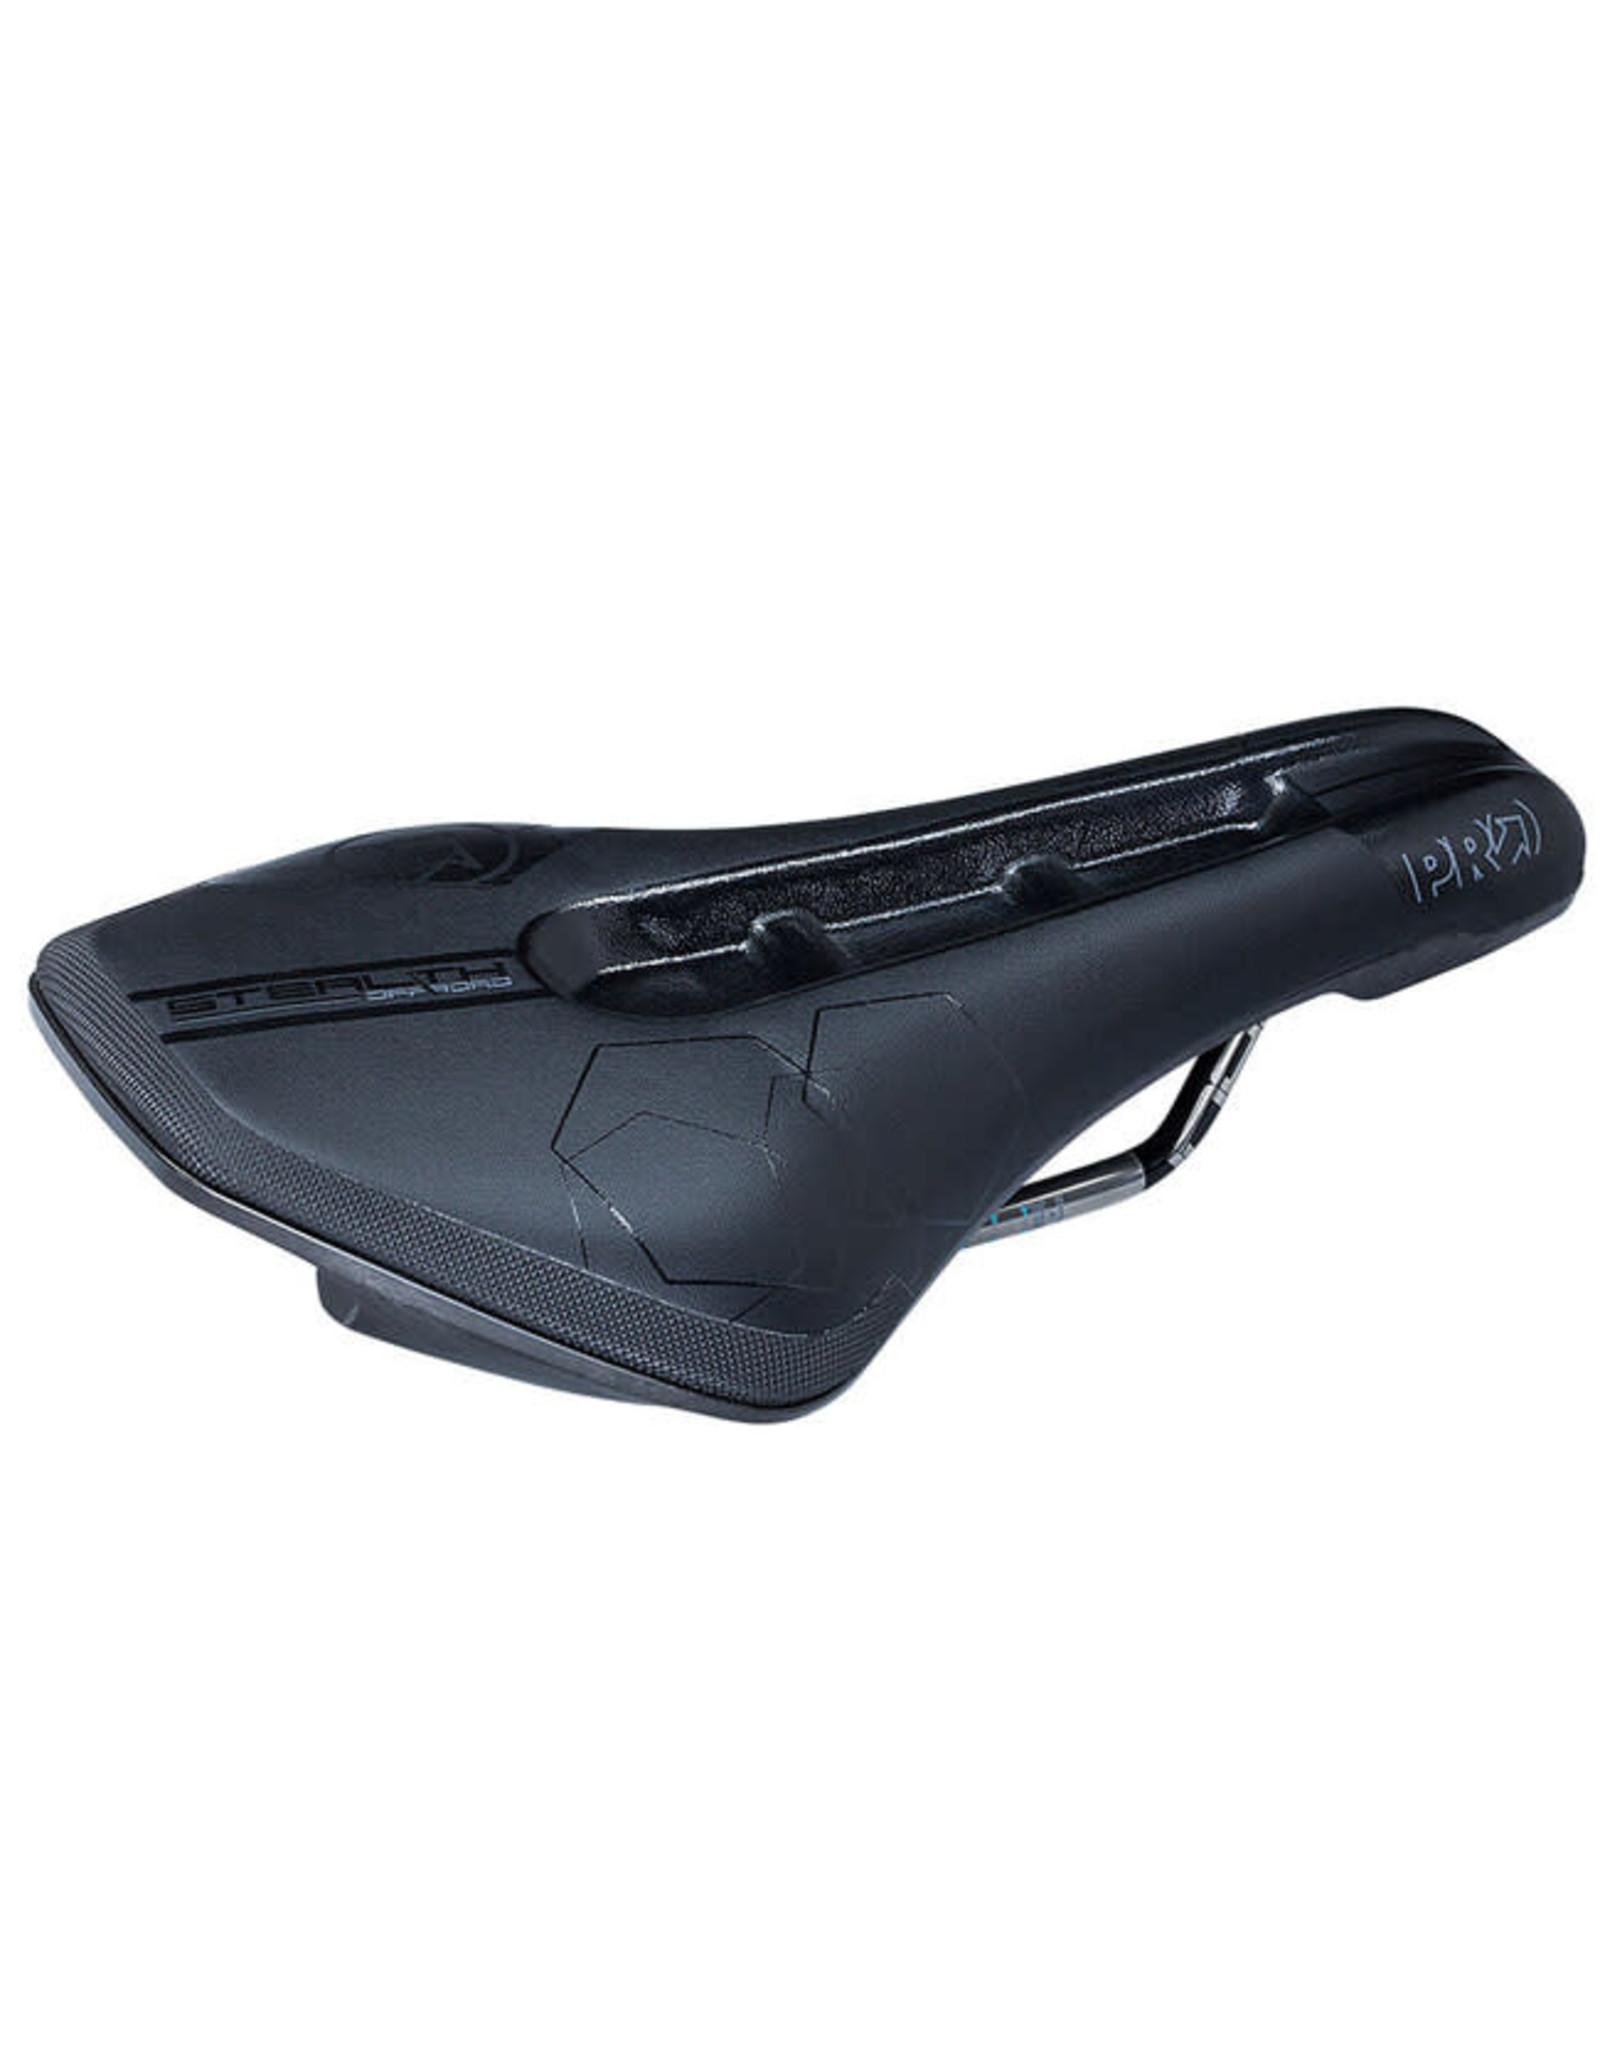 Shimano Stealth Offroad Saddle 152mm Black